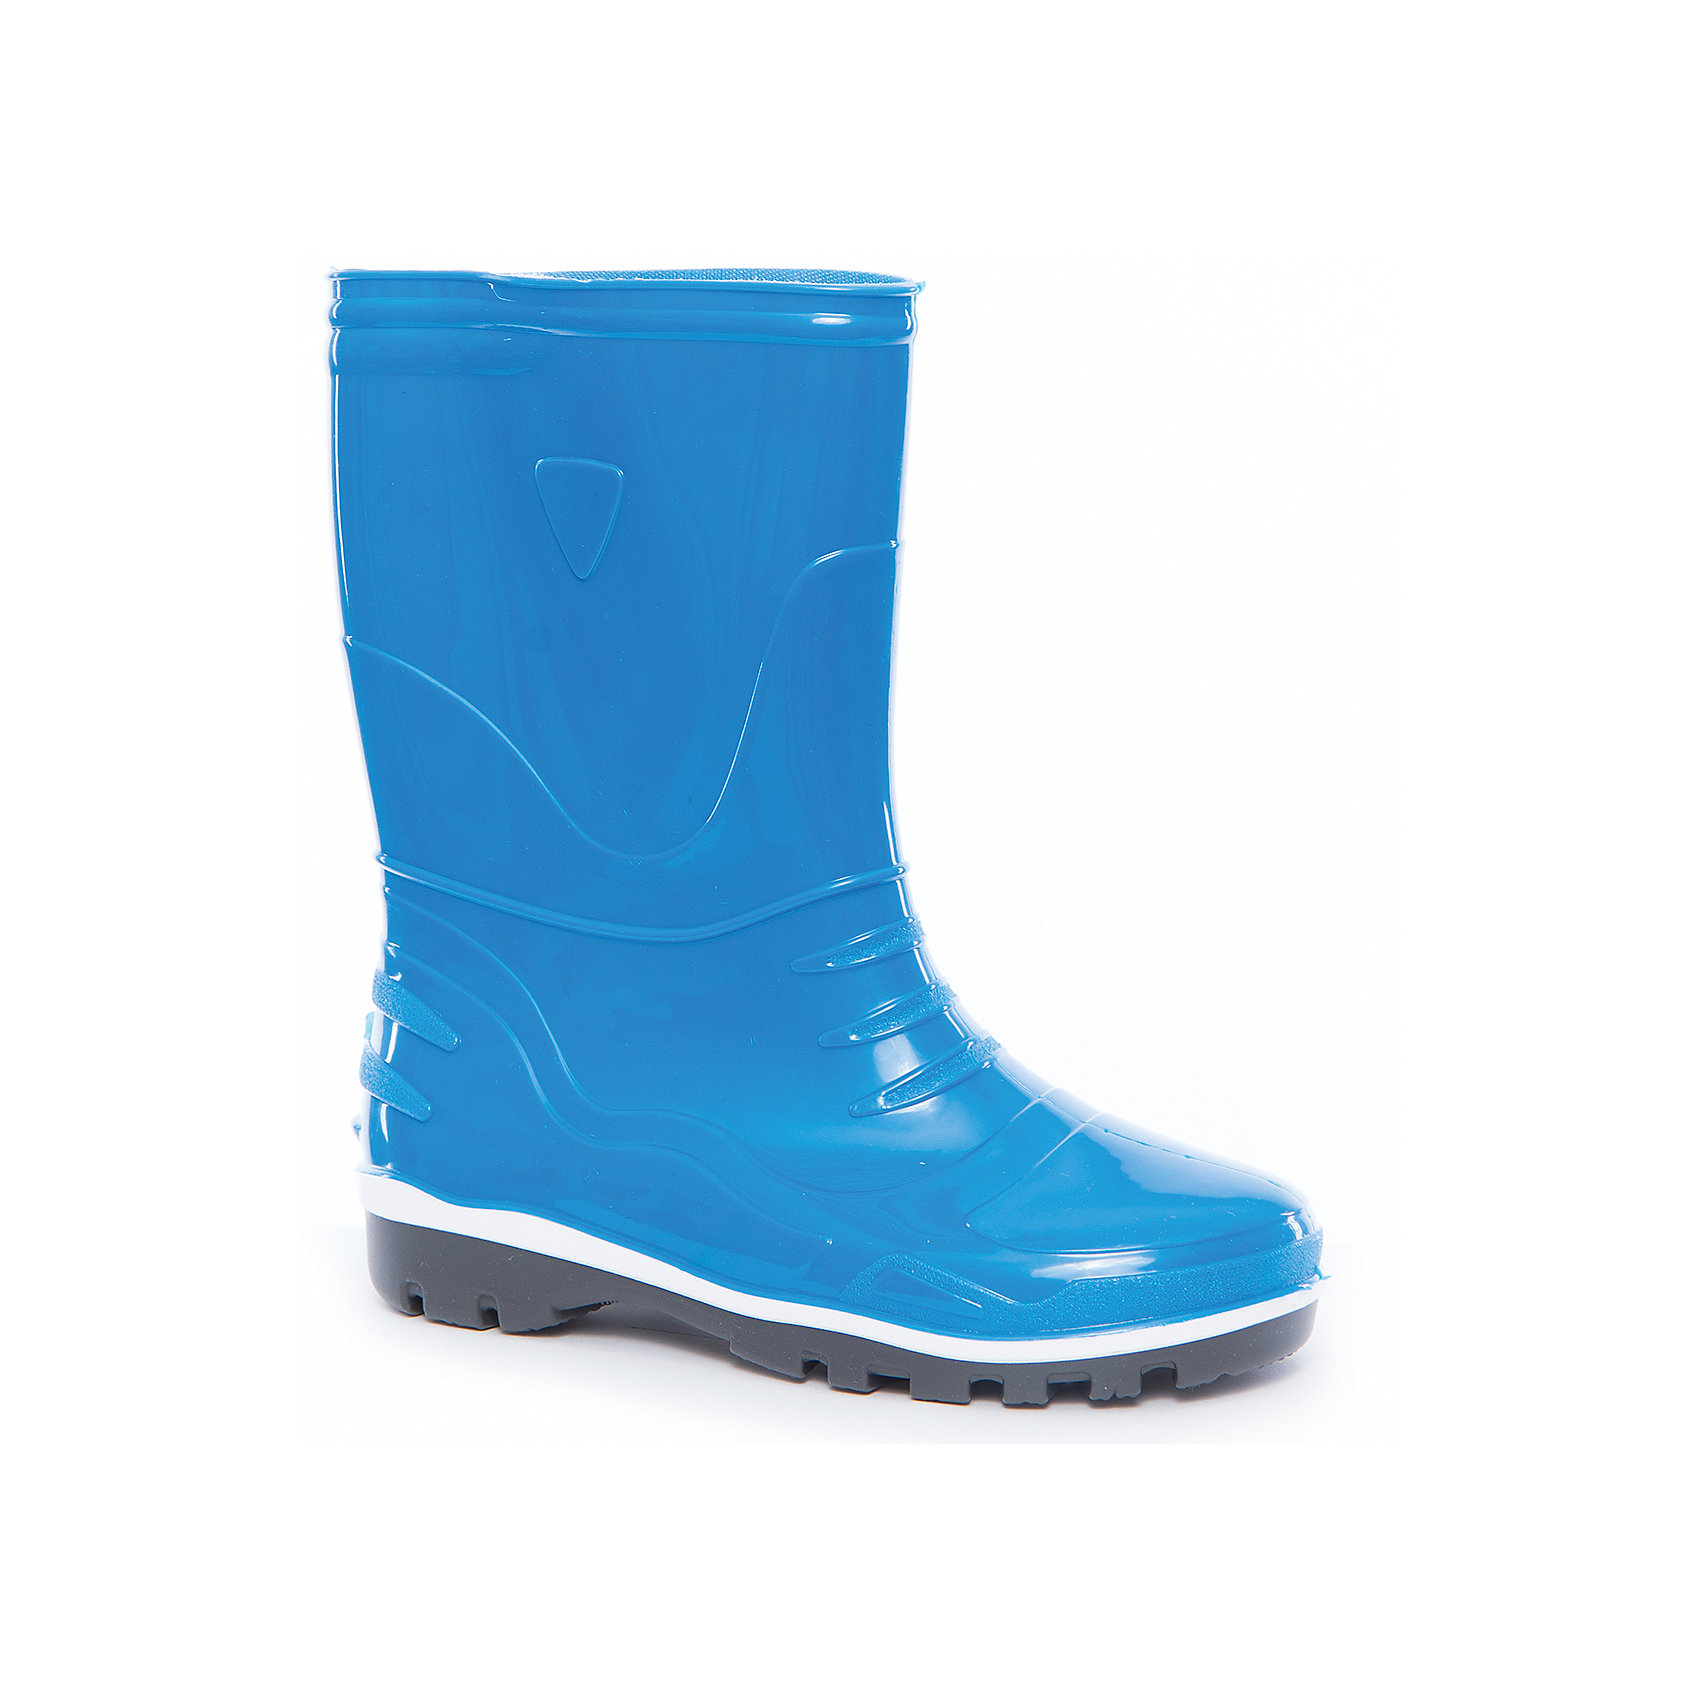 Резиновые сапоги NordmanХарактеристики товара:<br><br>• цвет: голубой<br>• внешний материал: ПВХ (PVC)<br>• внутренний материал: текстиль<br>• стелька: текстиль<br>• подошва: резина<br>• температурный режим: от +5°С до +20°С<br>• голенище средней высоты<br>• лёгкие<br>• без принта<br>• рельефная толстая подошва<br>• устойчивые<br>• не промокают<br>• страна бренда: Российская Федерация<br>• страна изготовитель: Российская Федерация<br><br>Когда на улице сыро, резиновые сапоги - необходимый атрибут для ребенка. Эта модель отличается удобной формой и устойчивой толстой подошвой - так ноги точно останутся в сухости и тепле. Отличный вариант качественной обуви от отечественного производителя!<br><br>Резиновые сапоги от российского бренда Nordman (Нордман) можно купить в нашем интернет-магазине.<br><br>Ширина мм: 237<br>Глубина мм: 180<br>Высота мм: 152<br>Вес г: 438<br>Цвет: синий<br>Возраст от месяцев: 132<br>Возраст до месяцев: 144<br>Пол: Мужской<br>Возраст: Детский<br>Размер: 35,29,30,31,34,23,24,26,27,33<br>SKU: 5436655